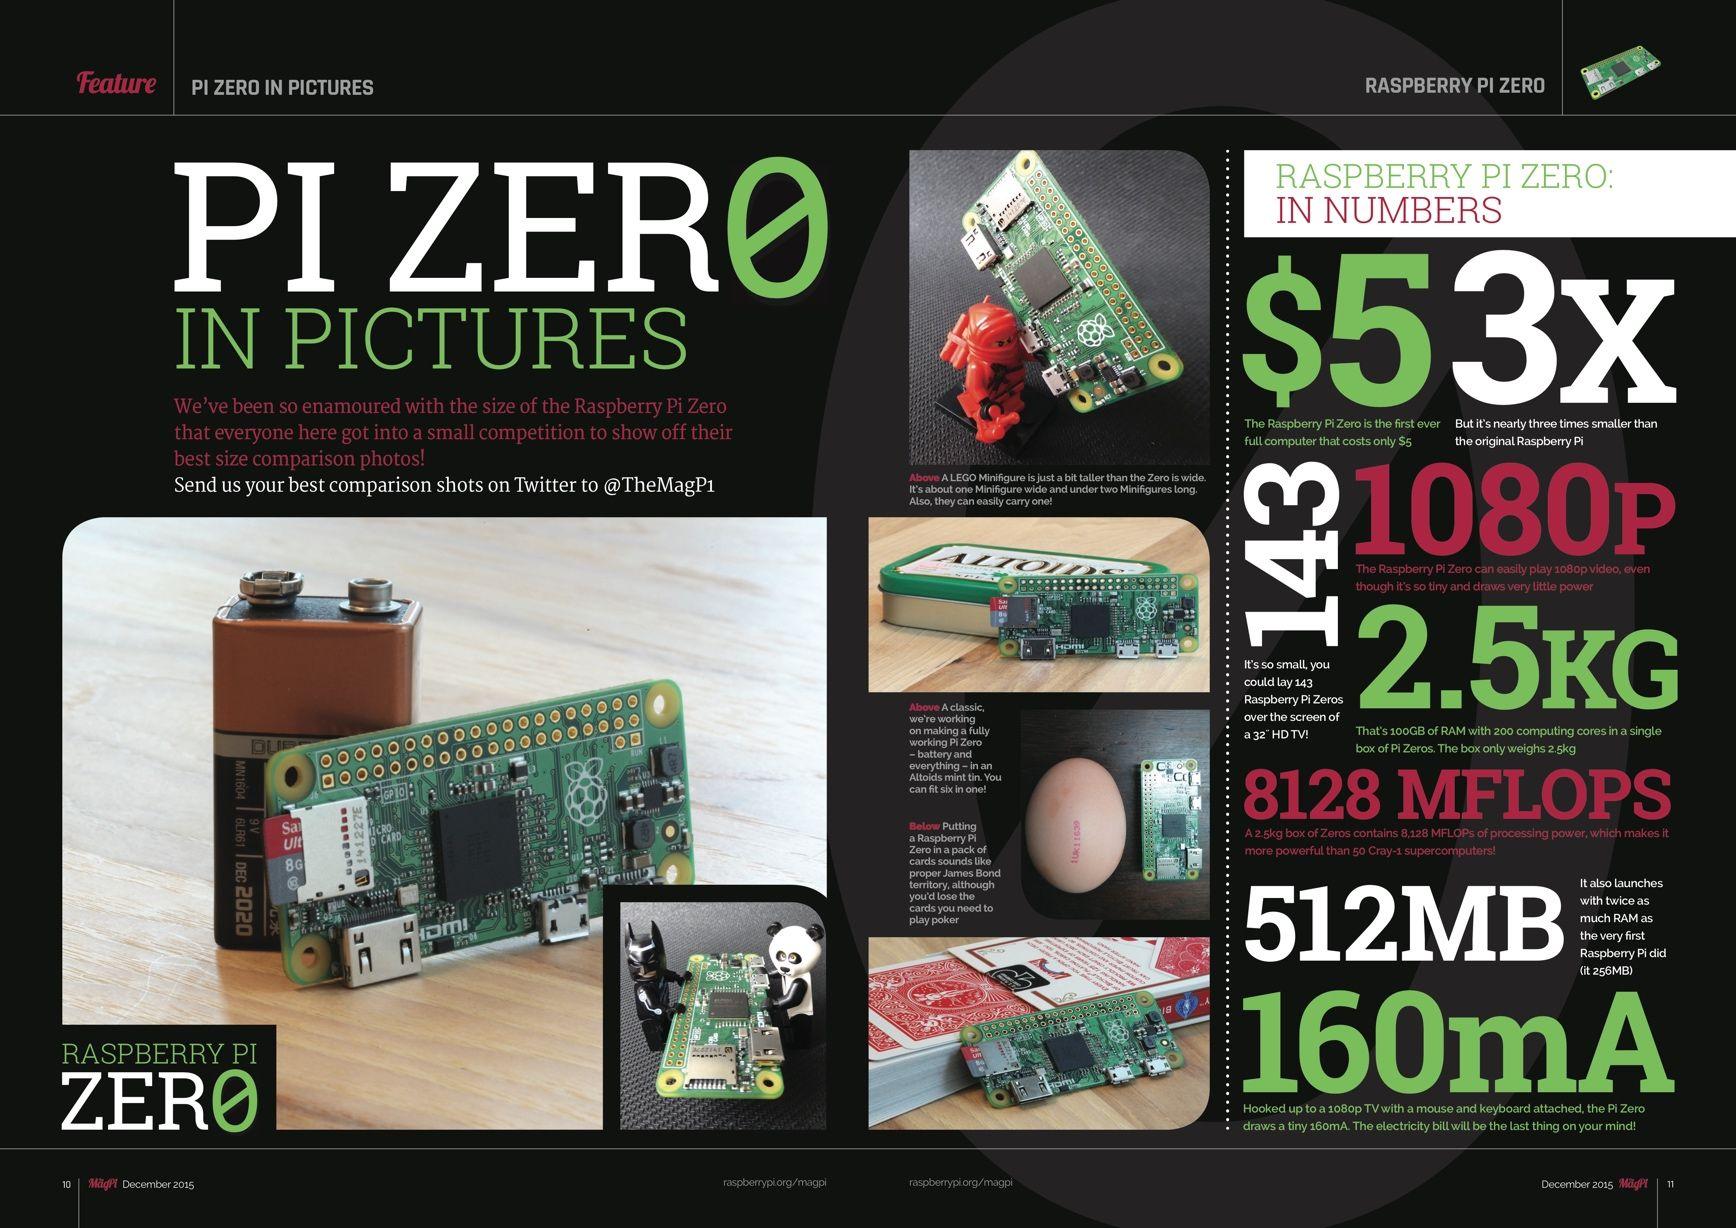 raspberry pi zero kodi box